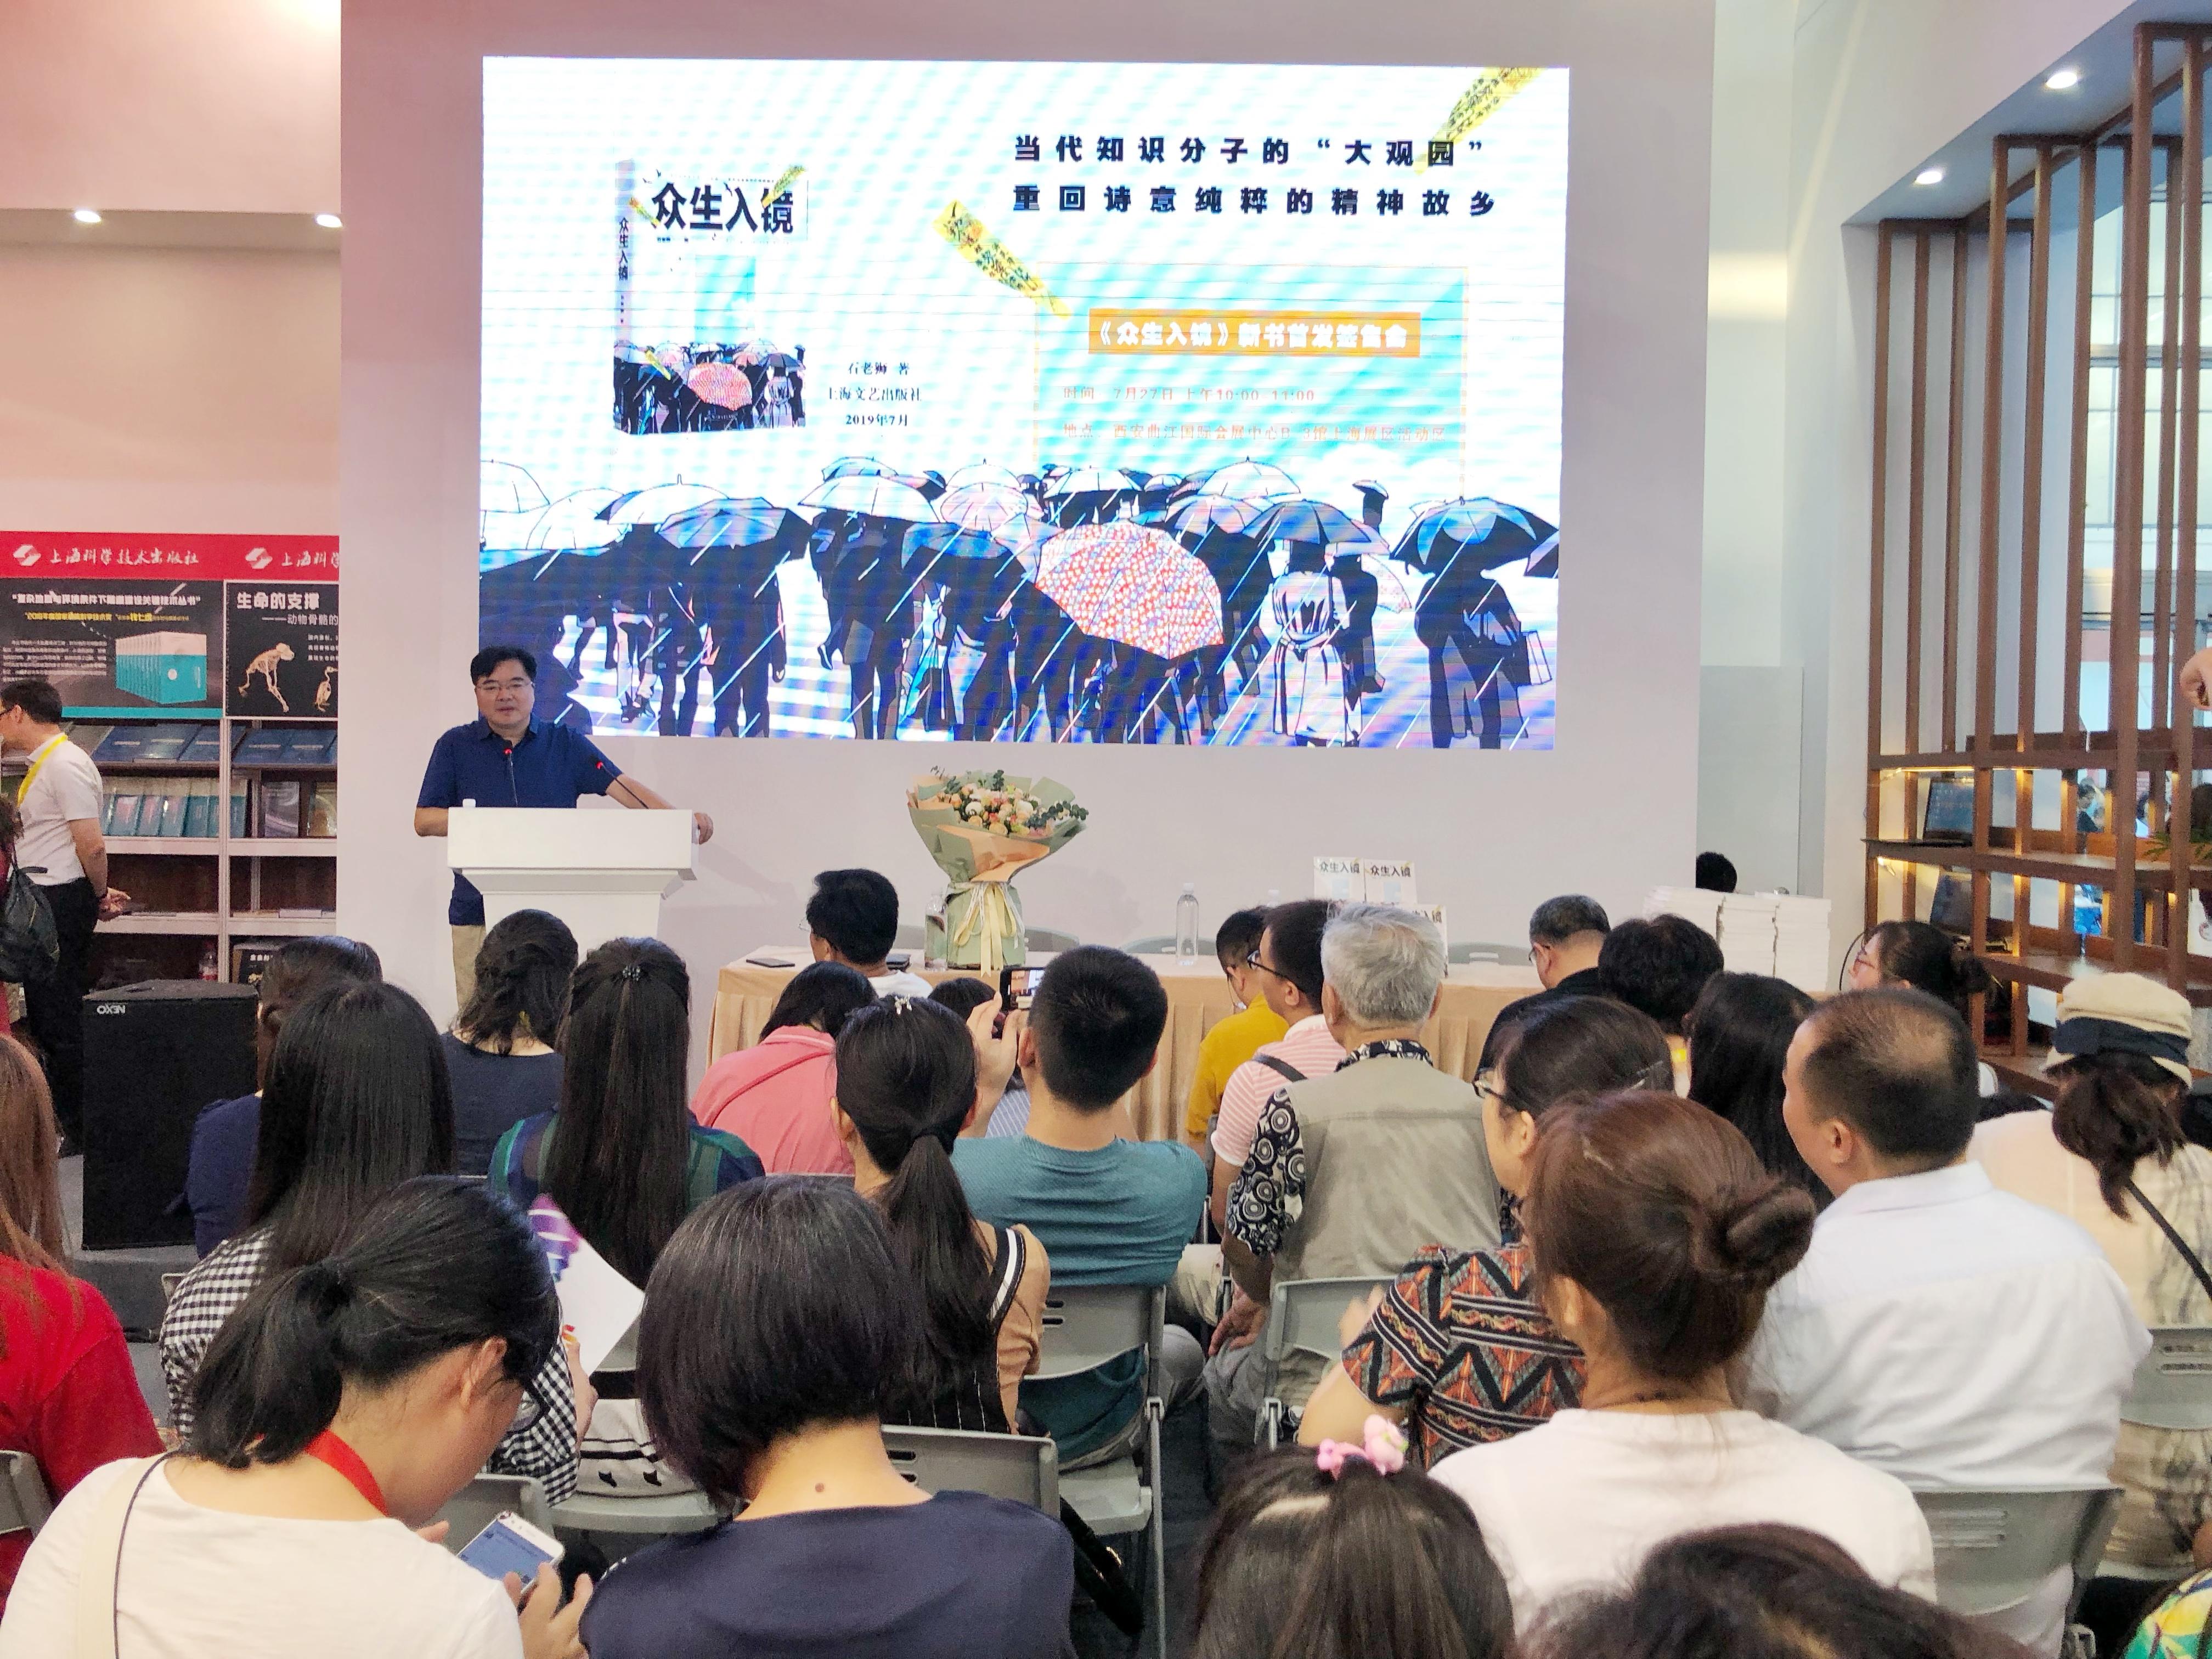 《眾生入鏡》新書分享會在第29屆書博會舉行